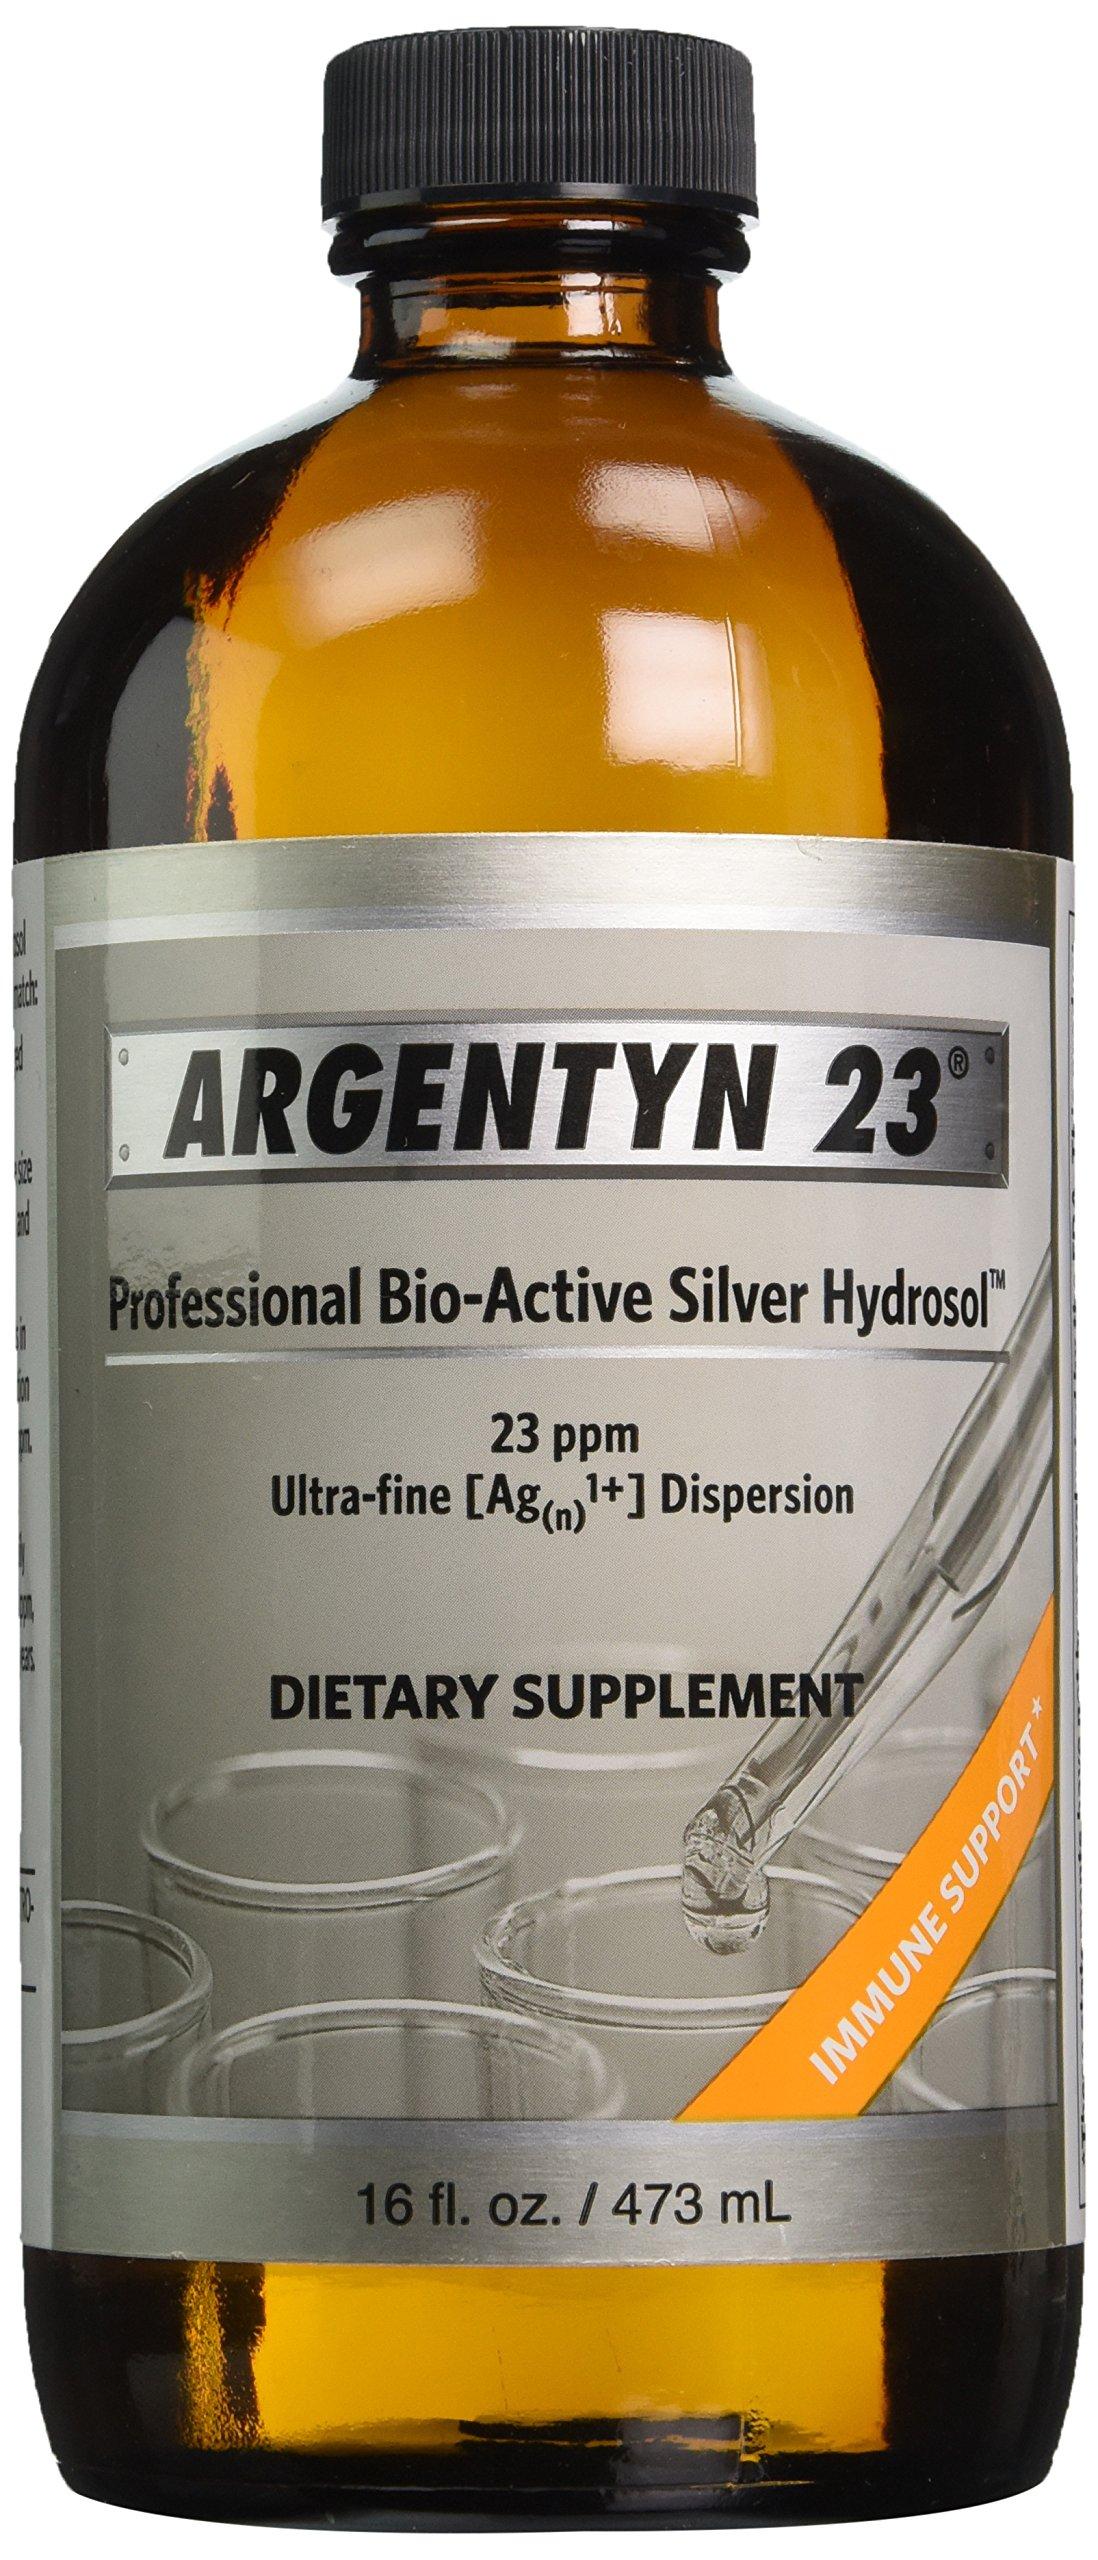 Natural-Immunogenics Corp. - Argentyn 23 16oz 473ml by Argentyn 23